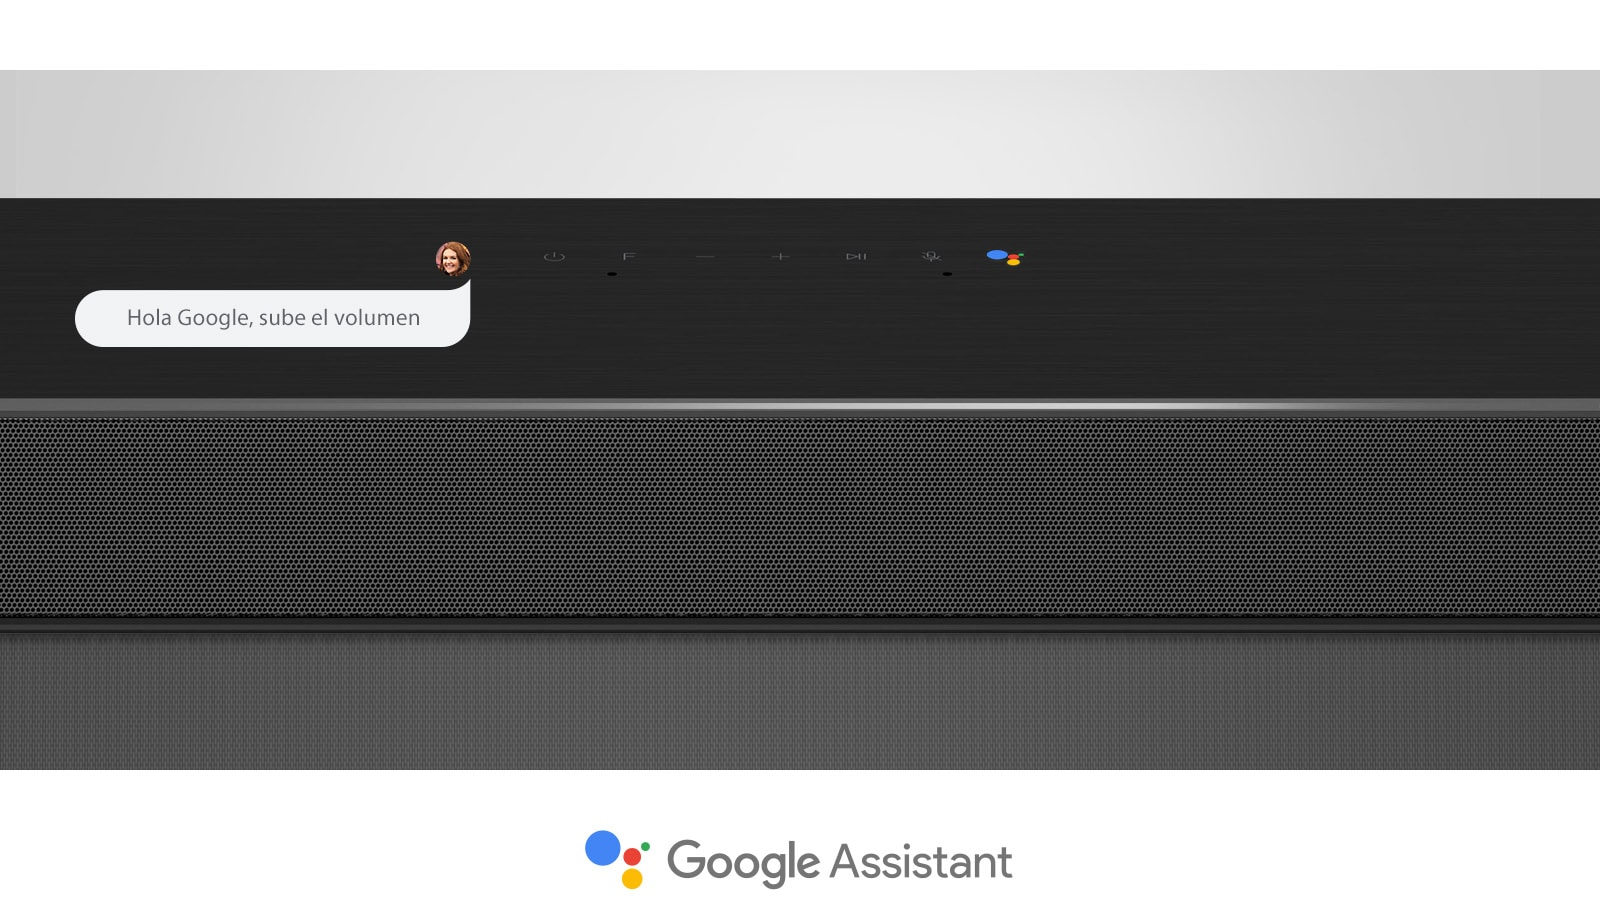 Primer plano de la sección media de la barra de sonido LG con controles de audio y el logo Google Assistant. Con el comando de voz de Google para subir el volumen.